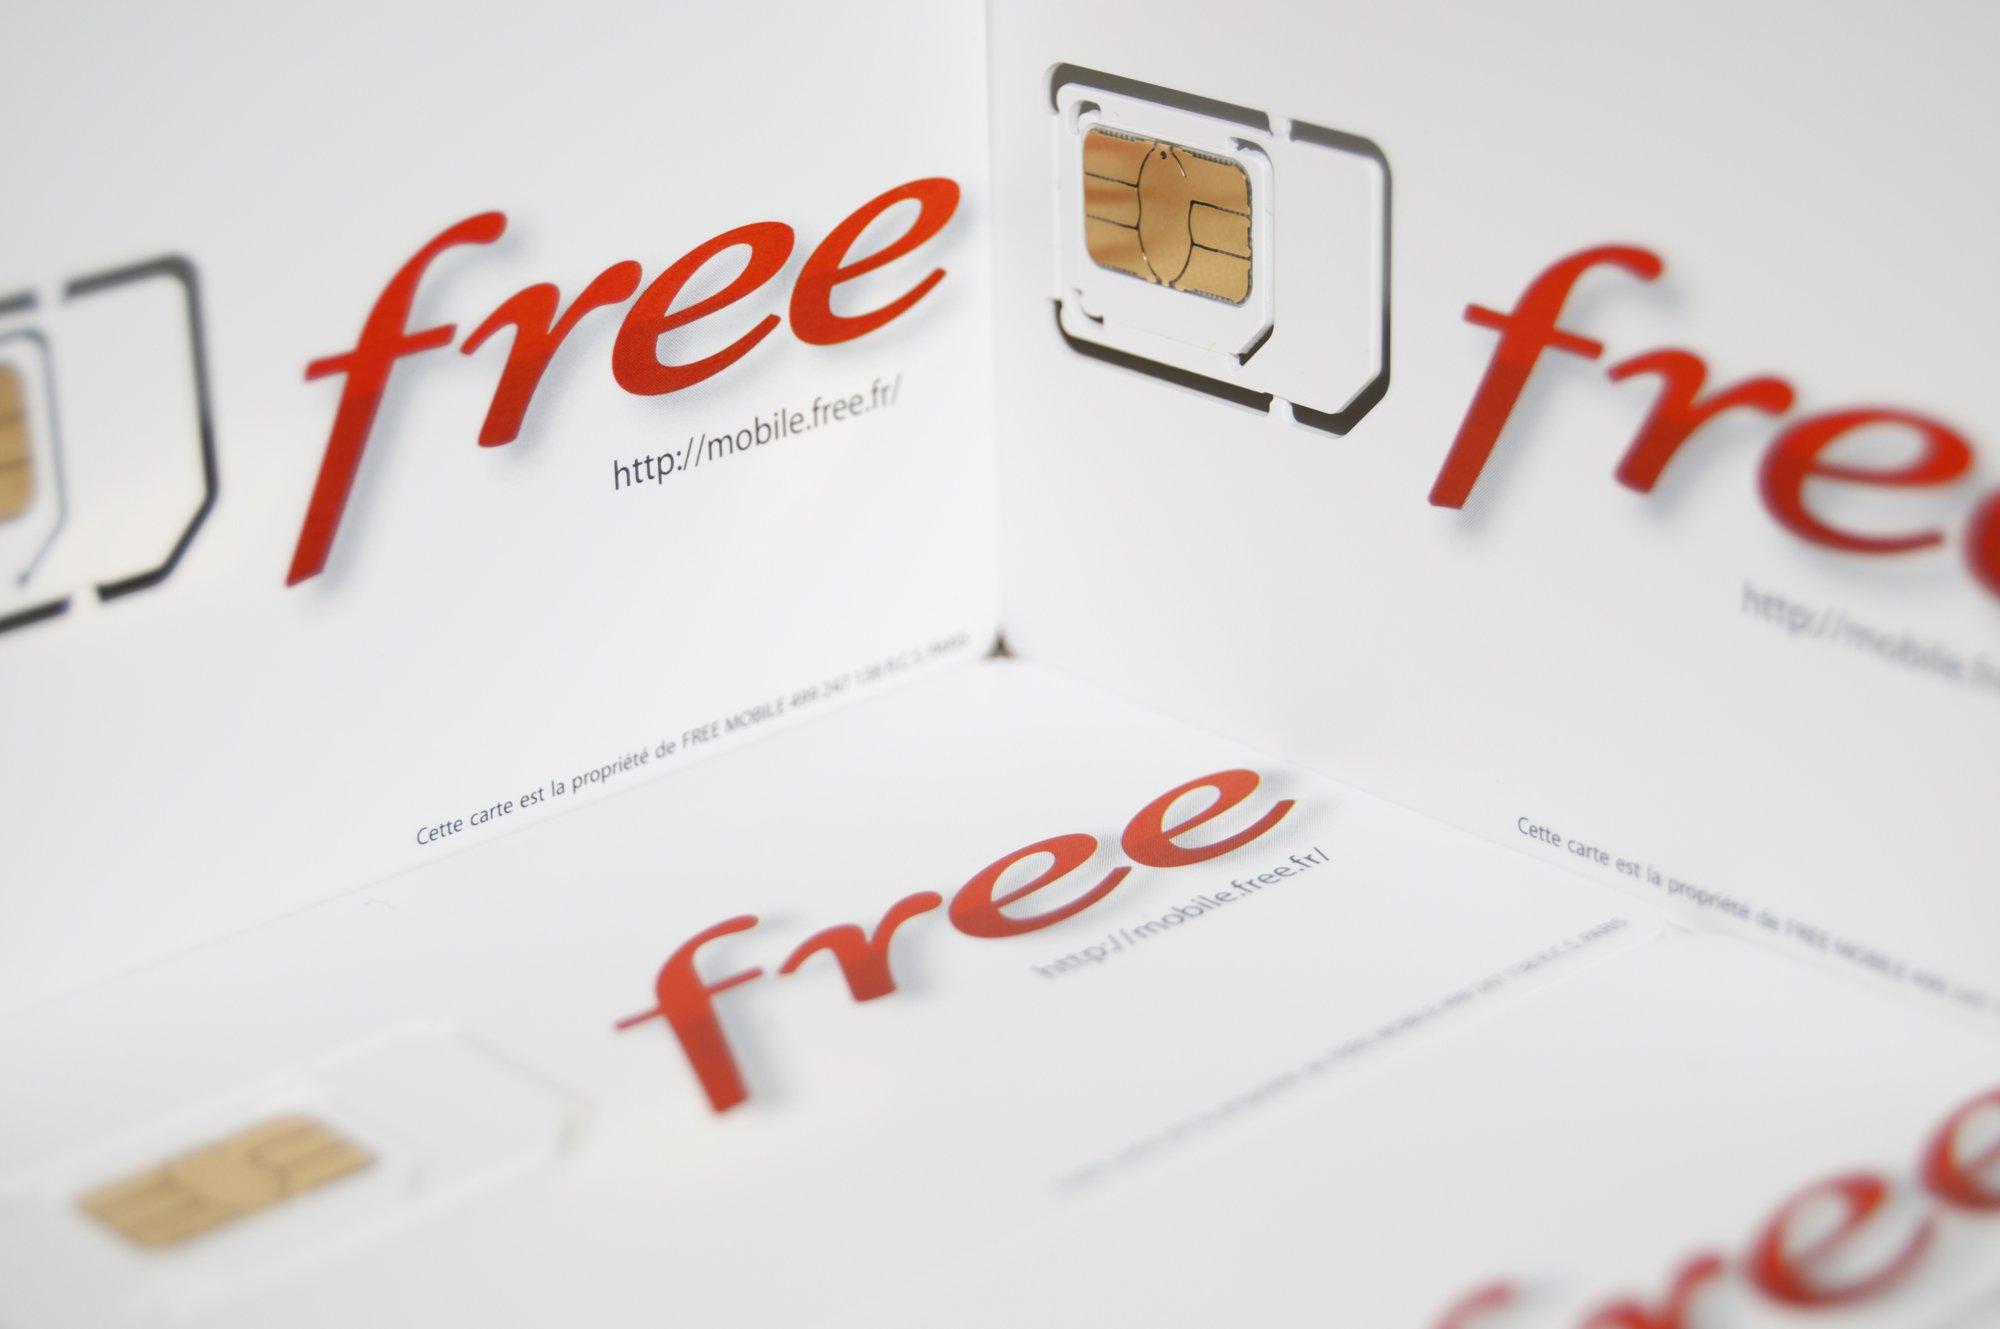 Free Mobile perd des abonnées aux forfaits à 0 et 2 euros